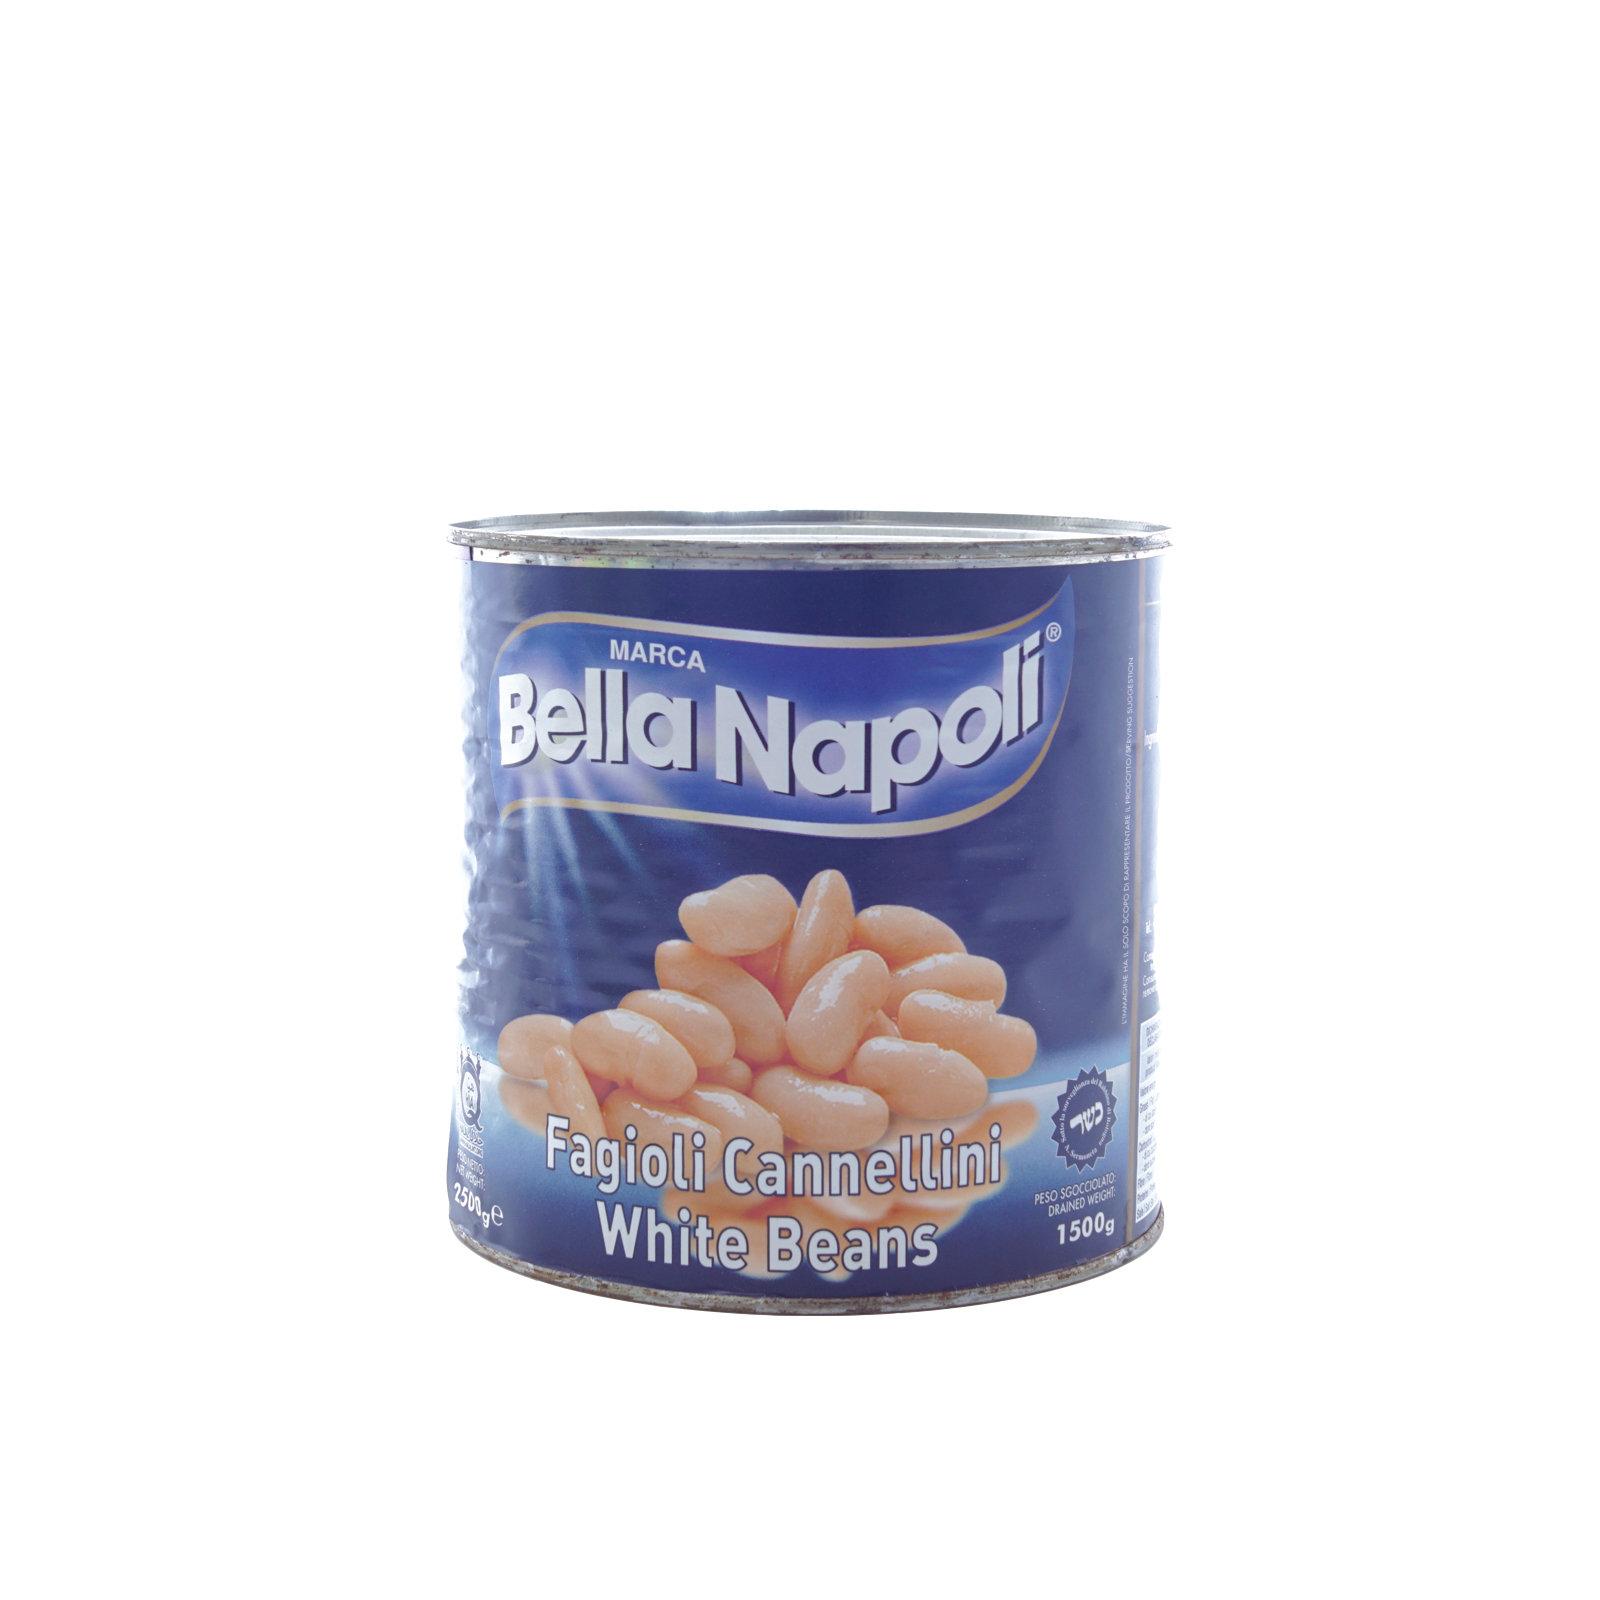 BELLA NAPOLI – FAGIOLI CANNELLINI LESS. KG. 3